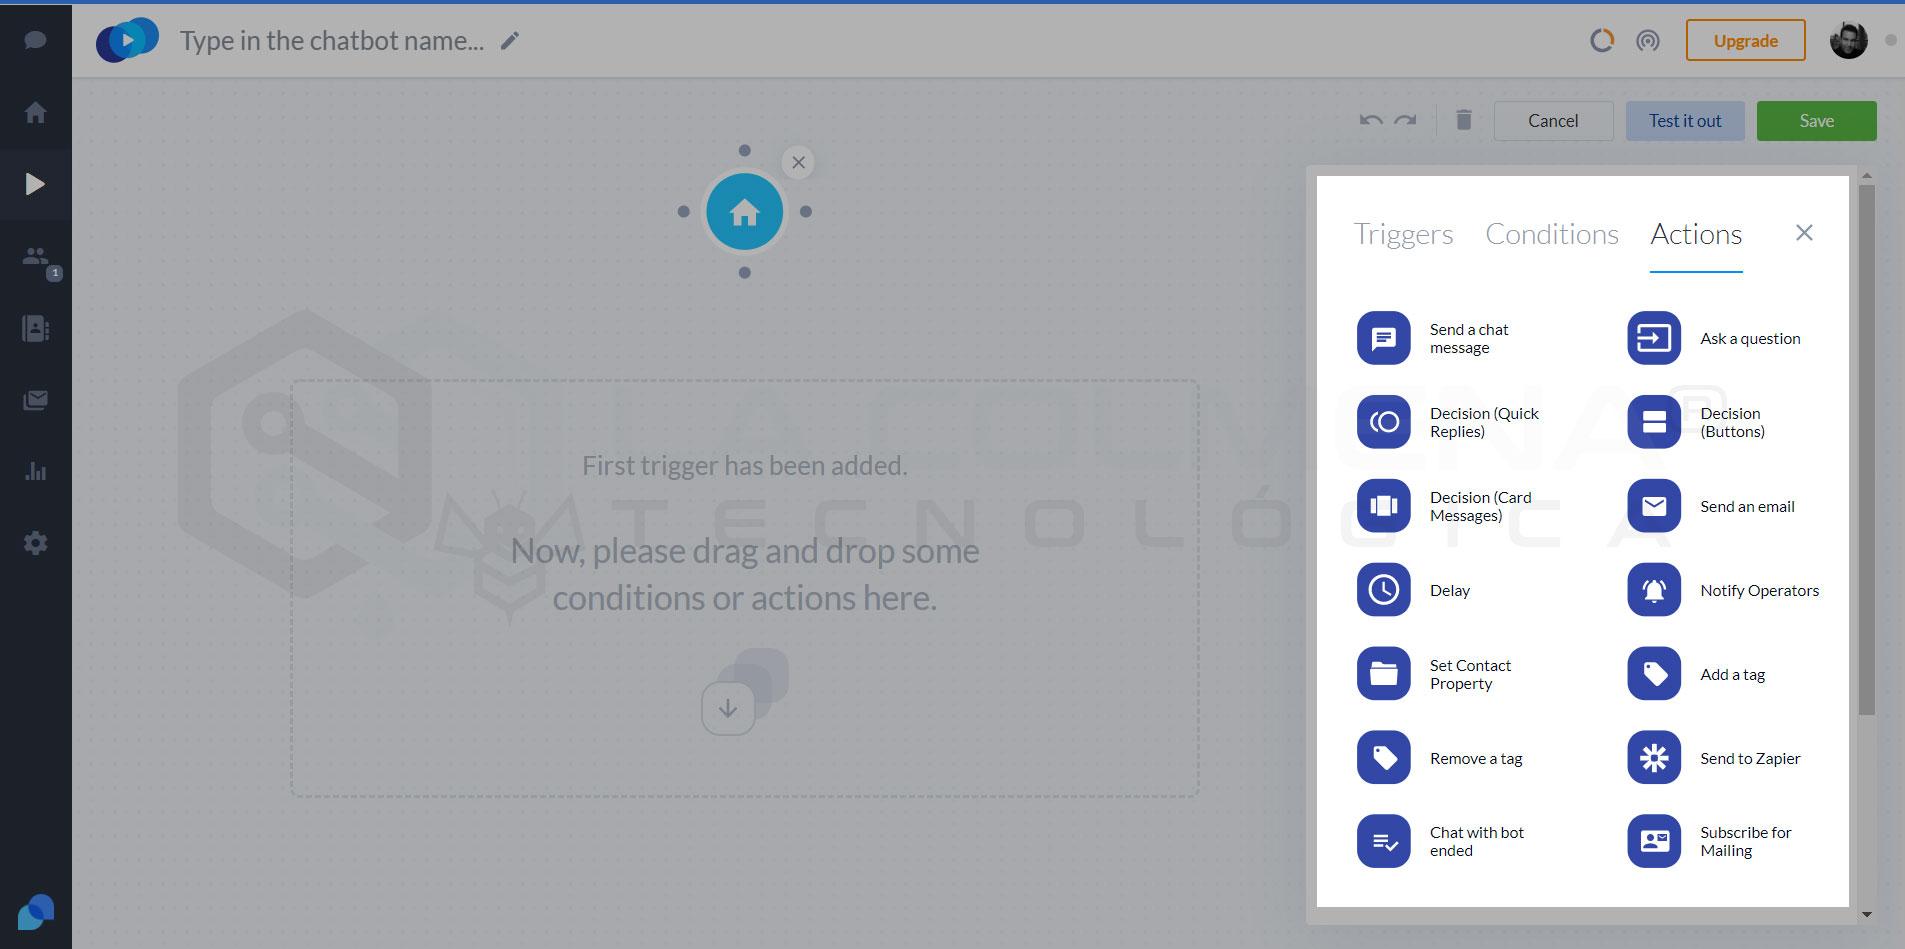 Nodos de accion para chatbots de Tidio